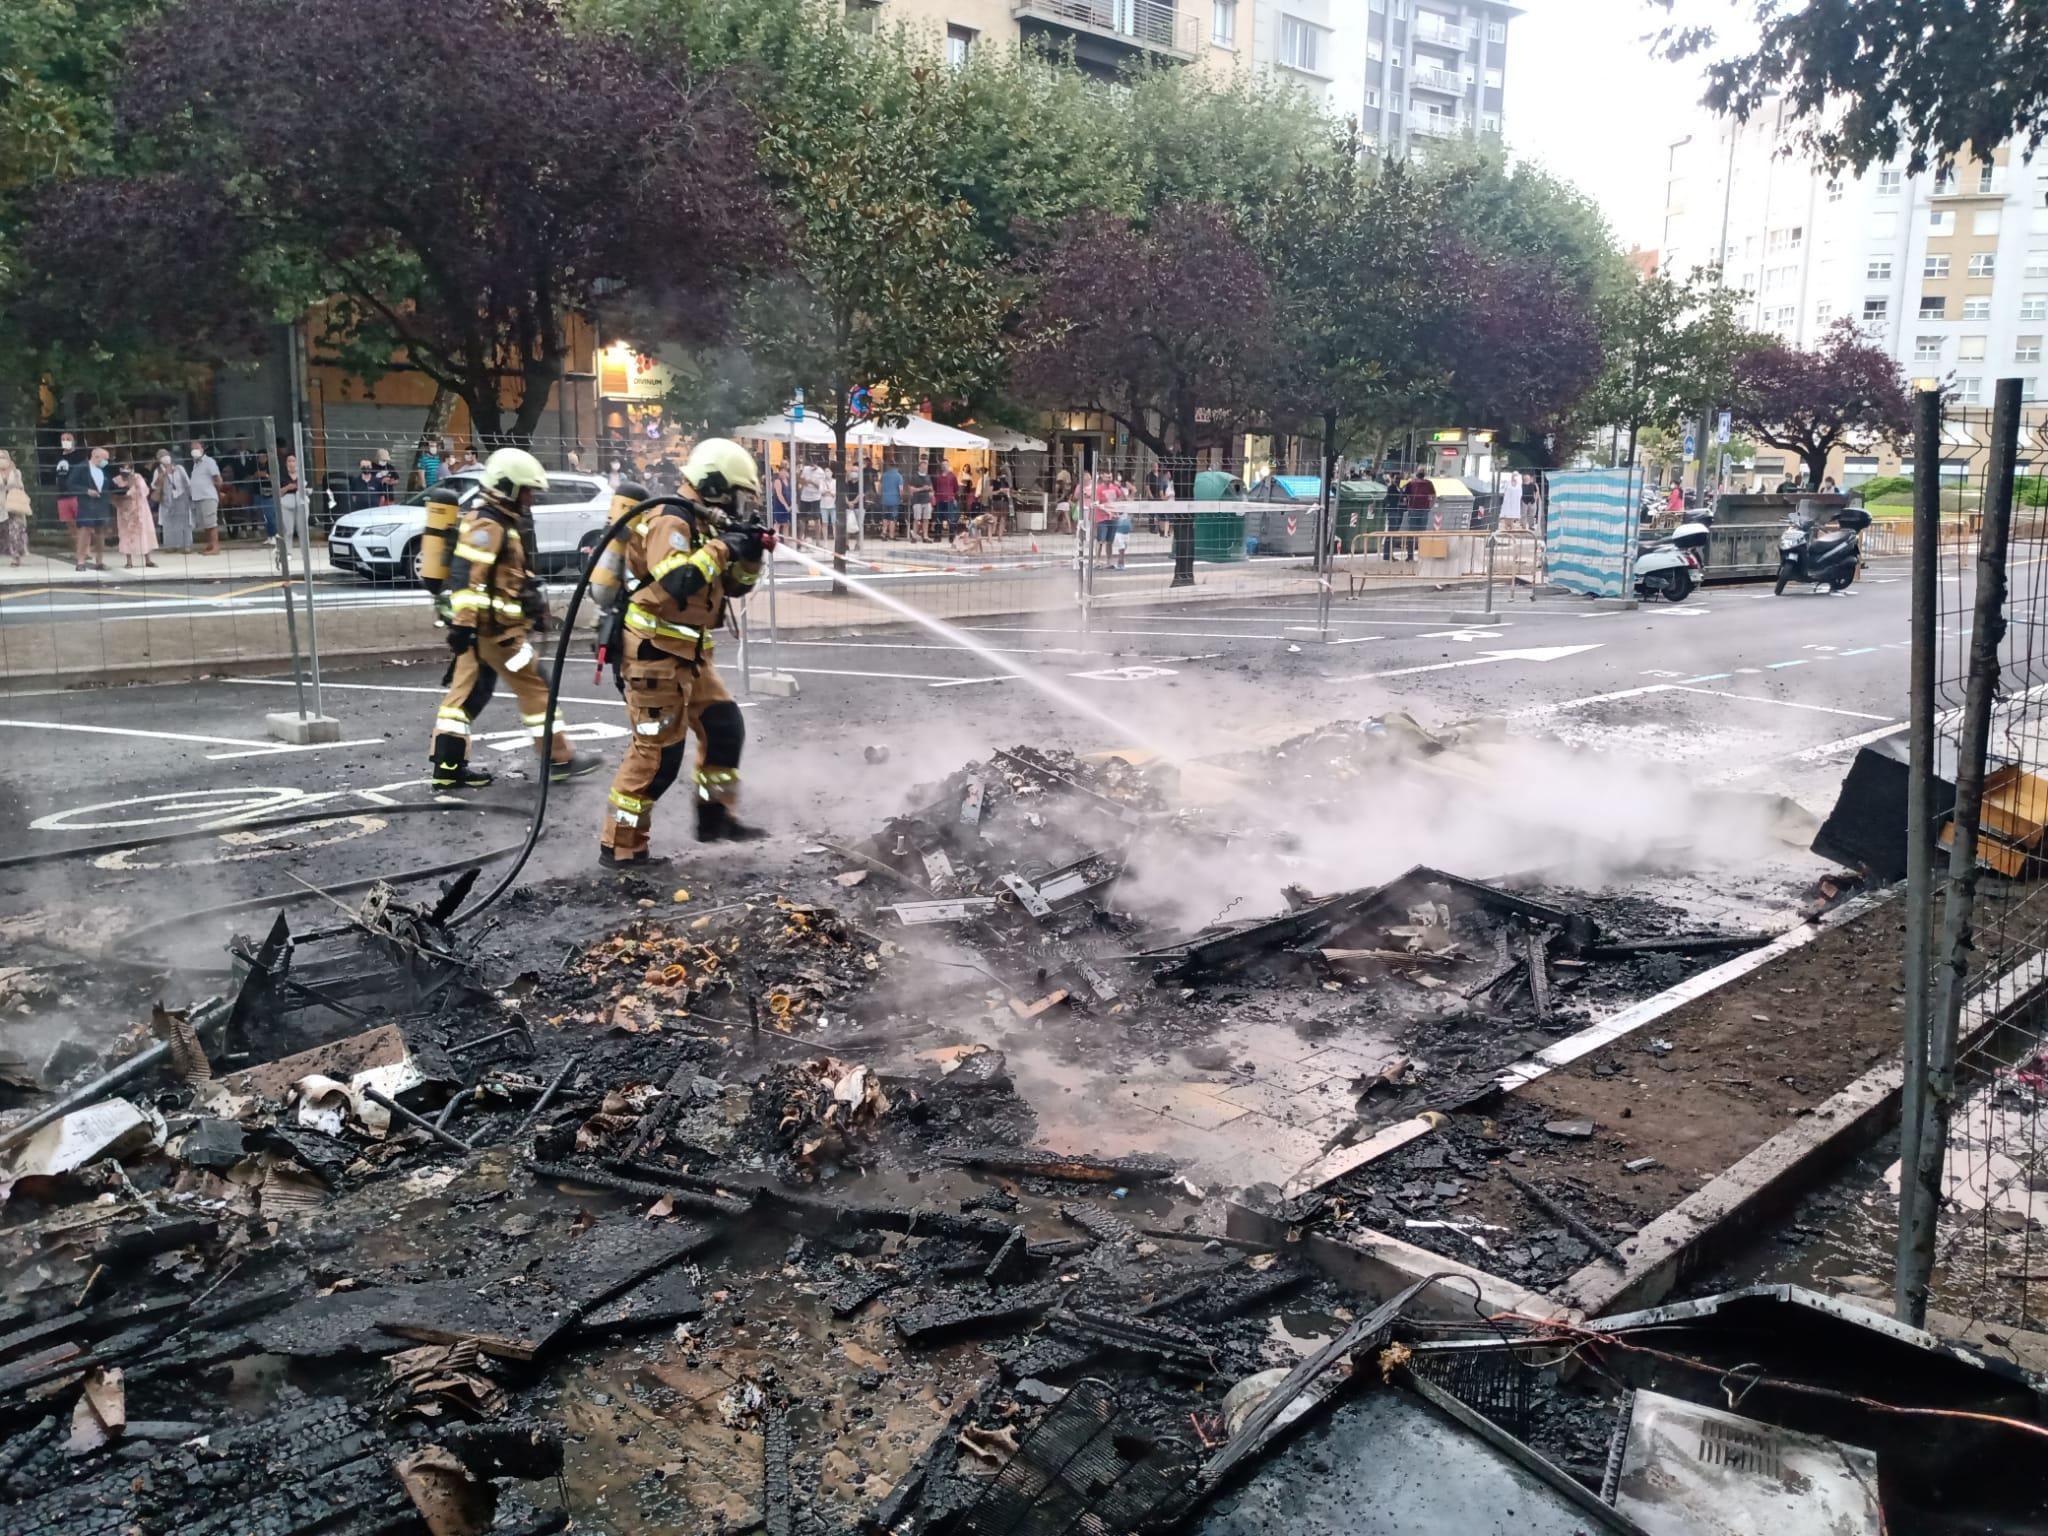 incendioAmara2 - La Guardia Municipal arresta a un hombre por el incendio de la Avenida Isabel II